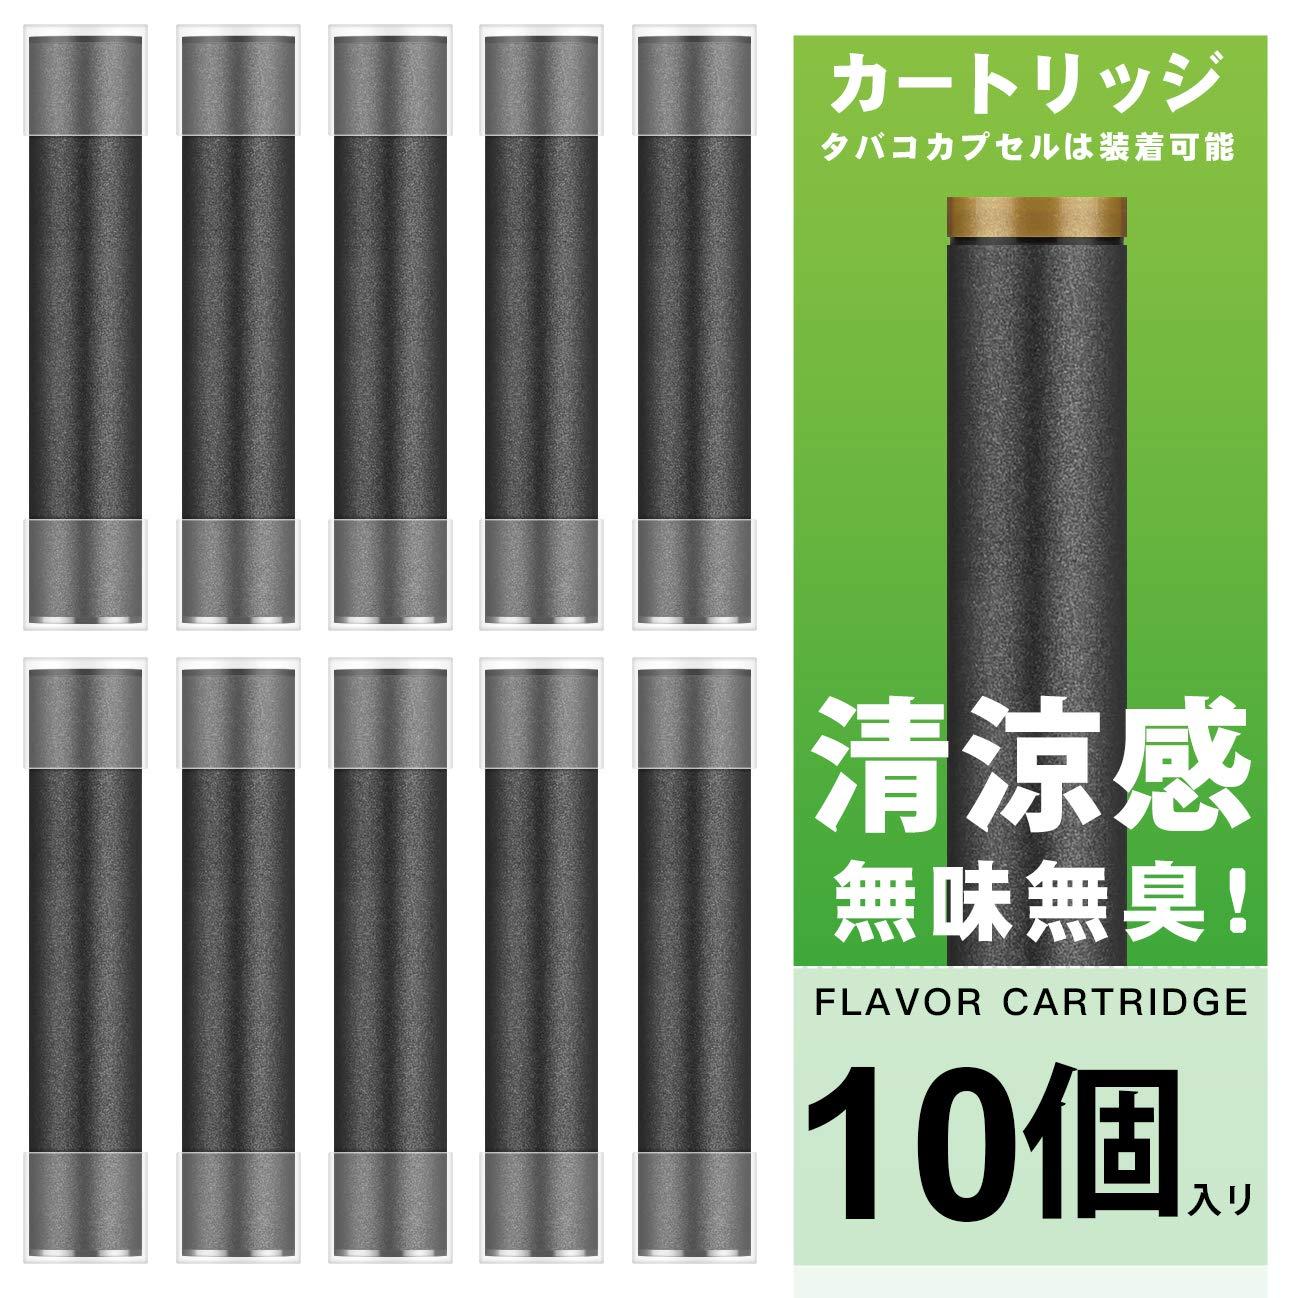 MEET プルームテック 互換 カートリッジ 無味無臭 タバコカプセル対応 スーパー清涼感 10本入り